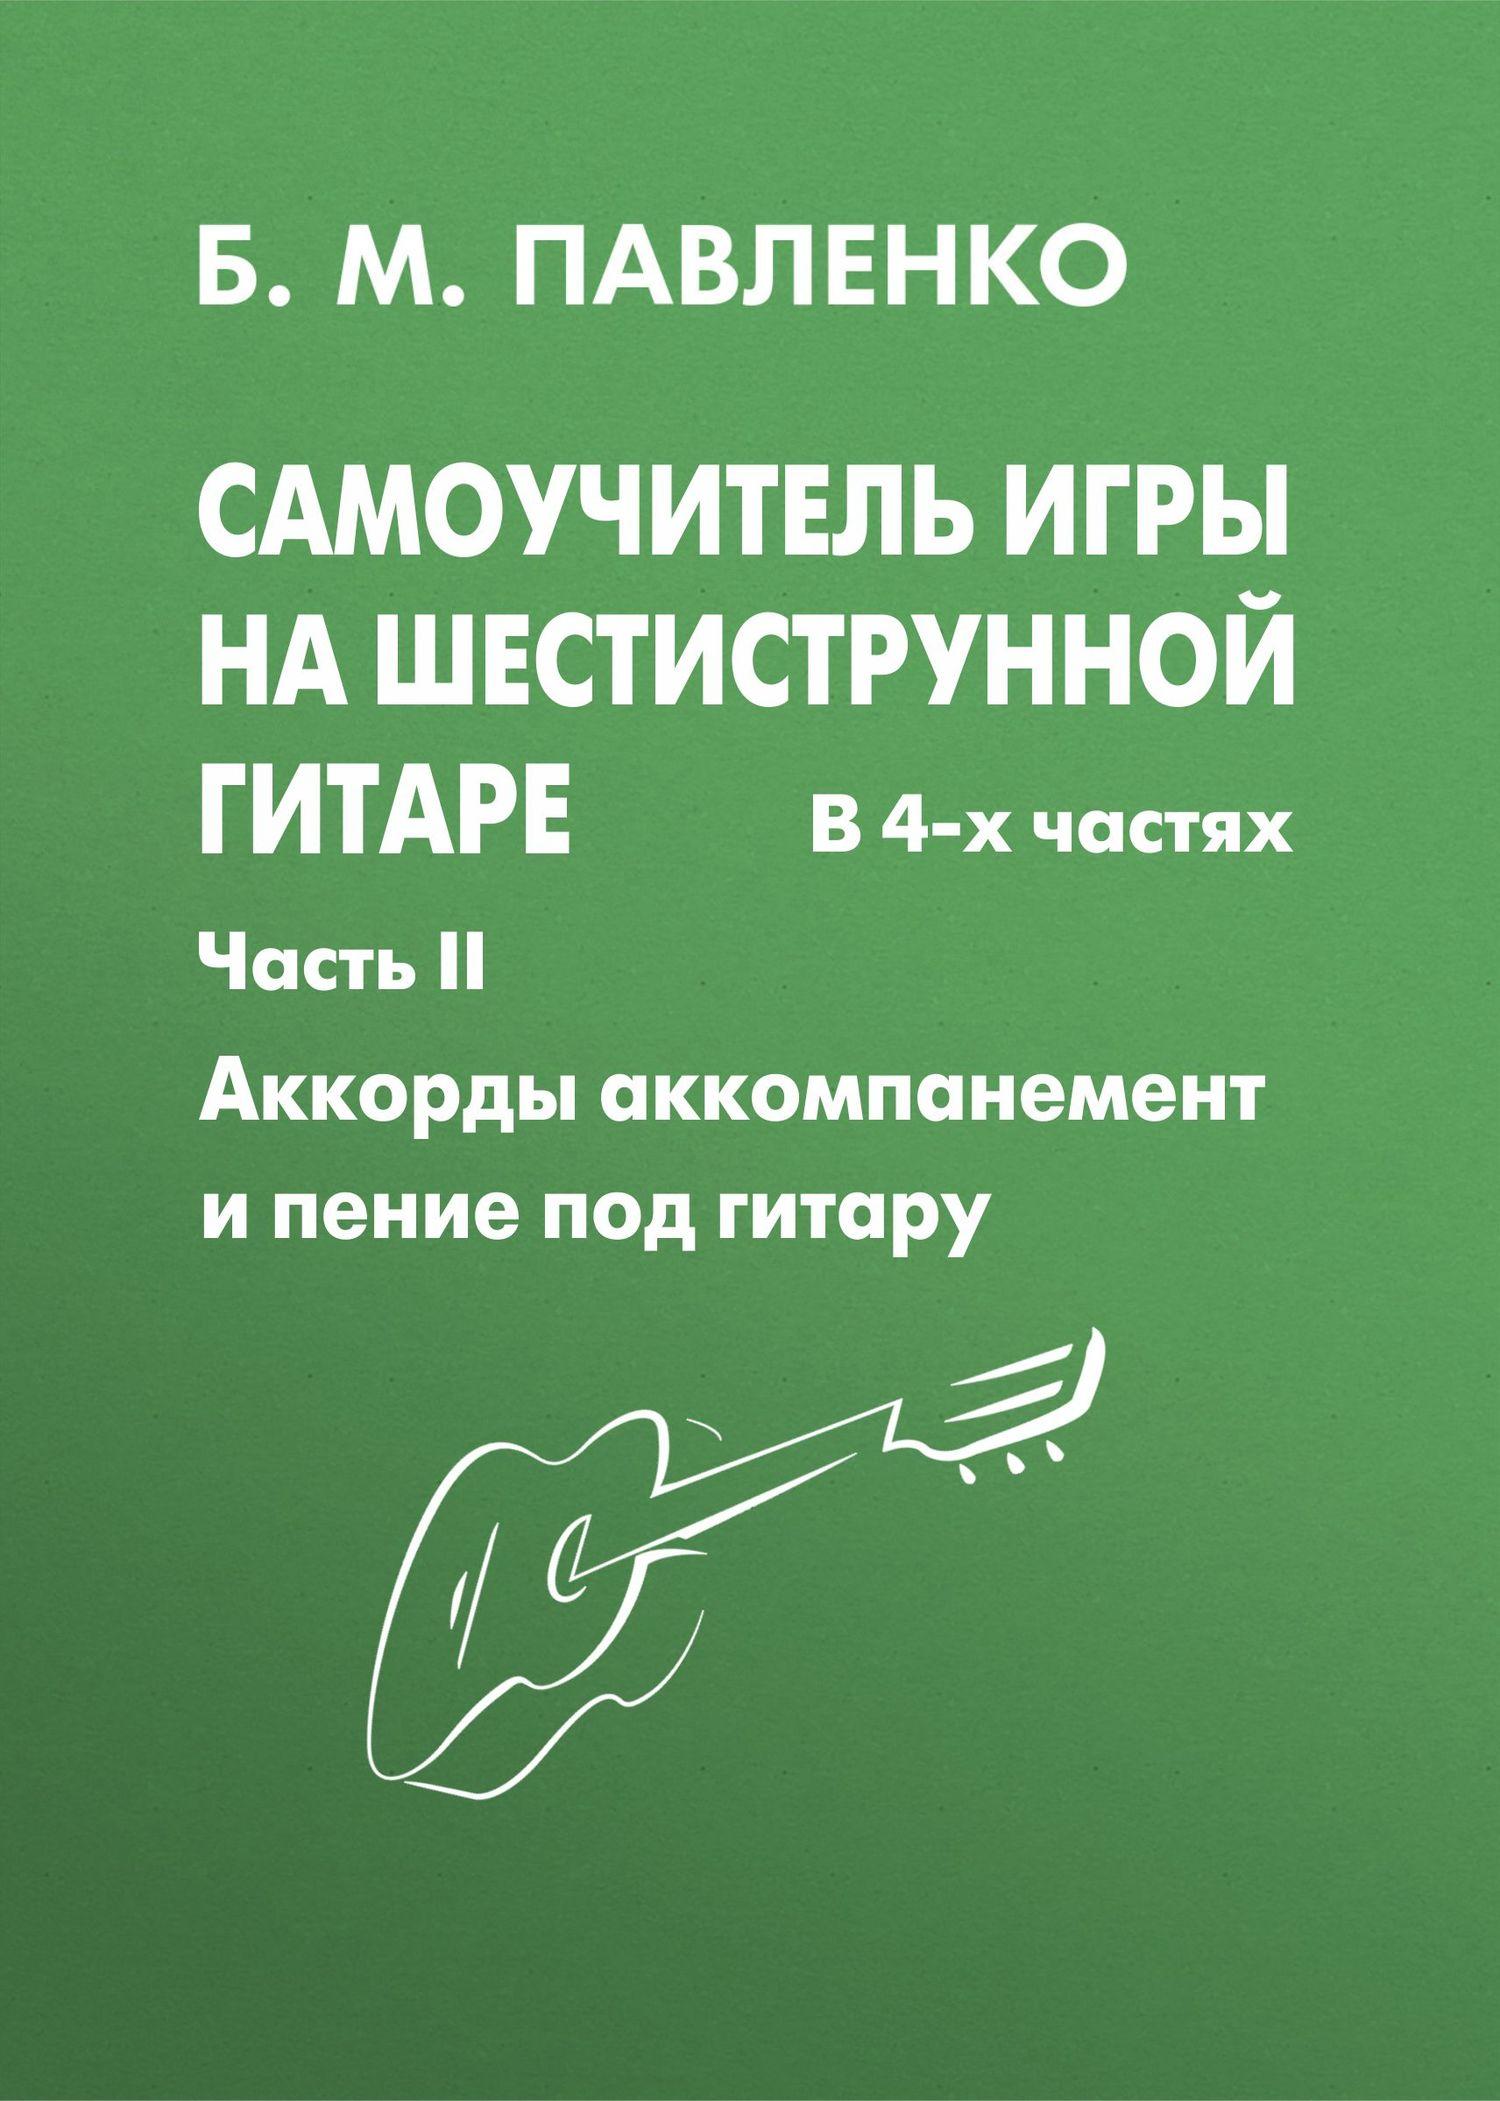 Б. М. Павленко Самоучитель игры на шестиструнной гитаре. Аккорды, аккомпанемент и пение под гитару. II часть ISBN: 978-5-222-13677-5 акустическая гитара виды аккомпанемента и обыгрывание аккордов